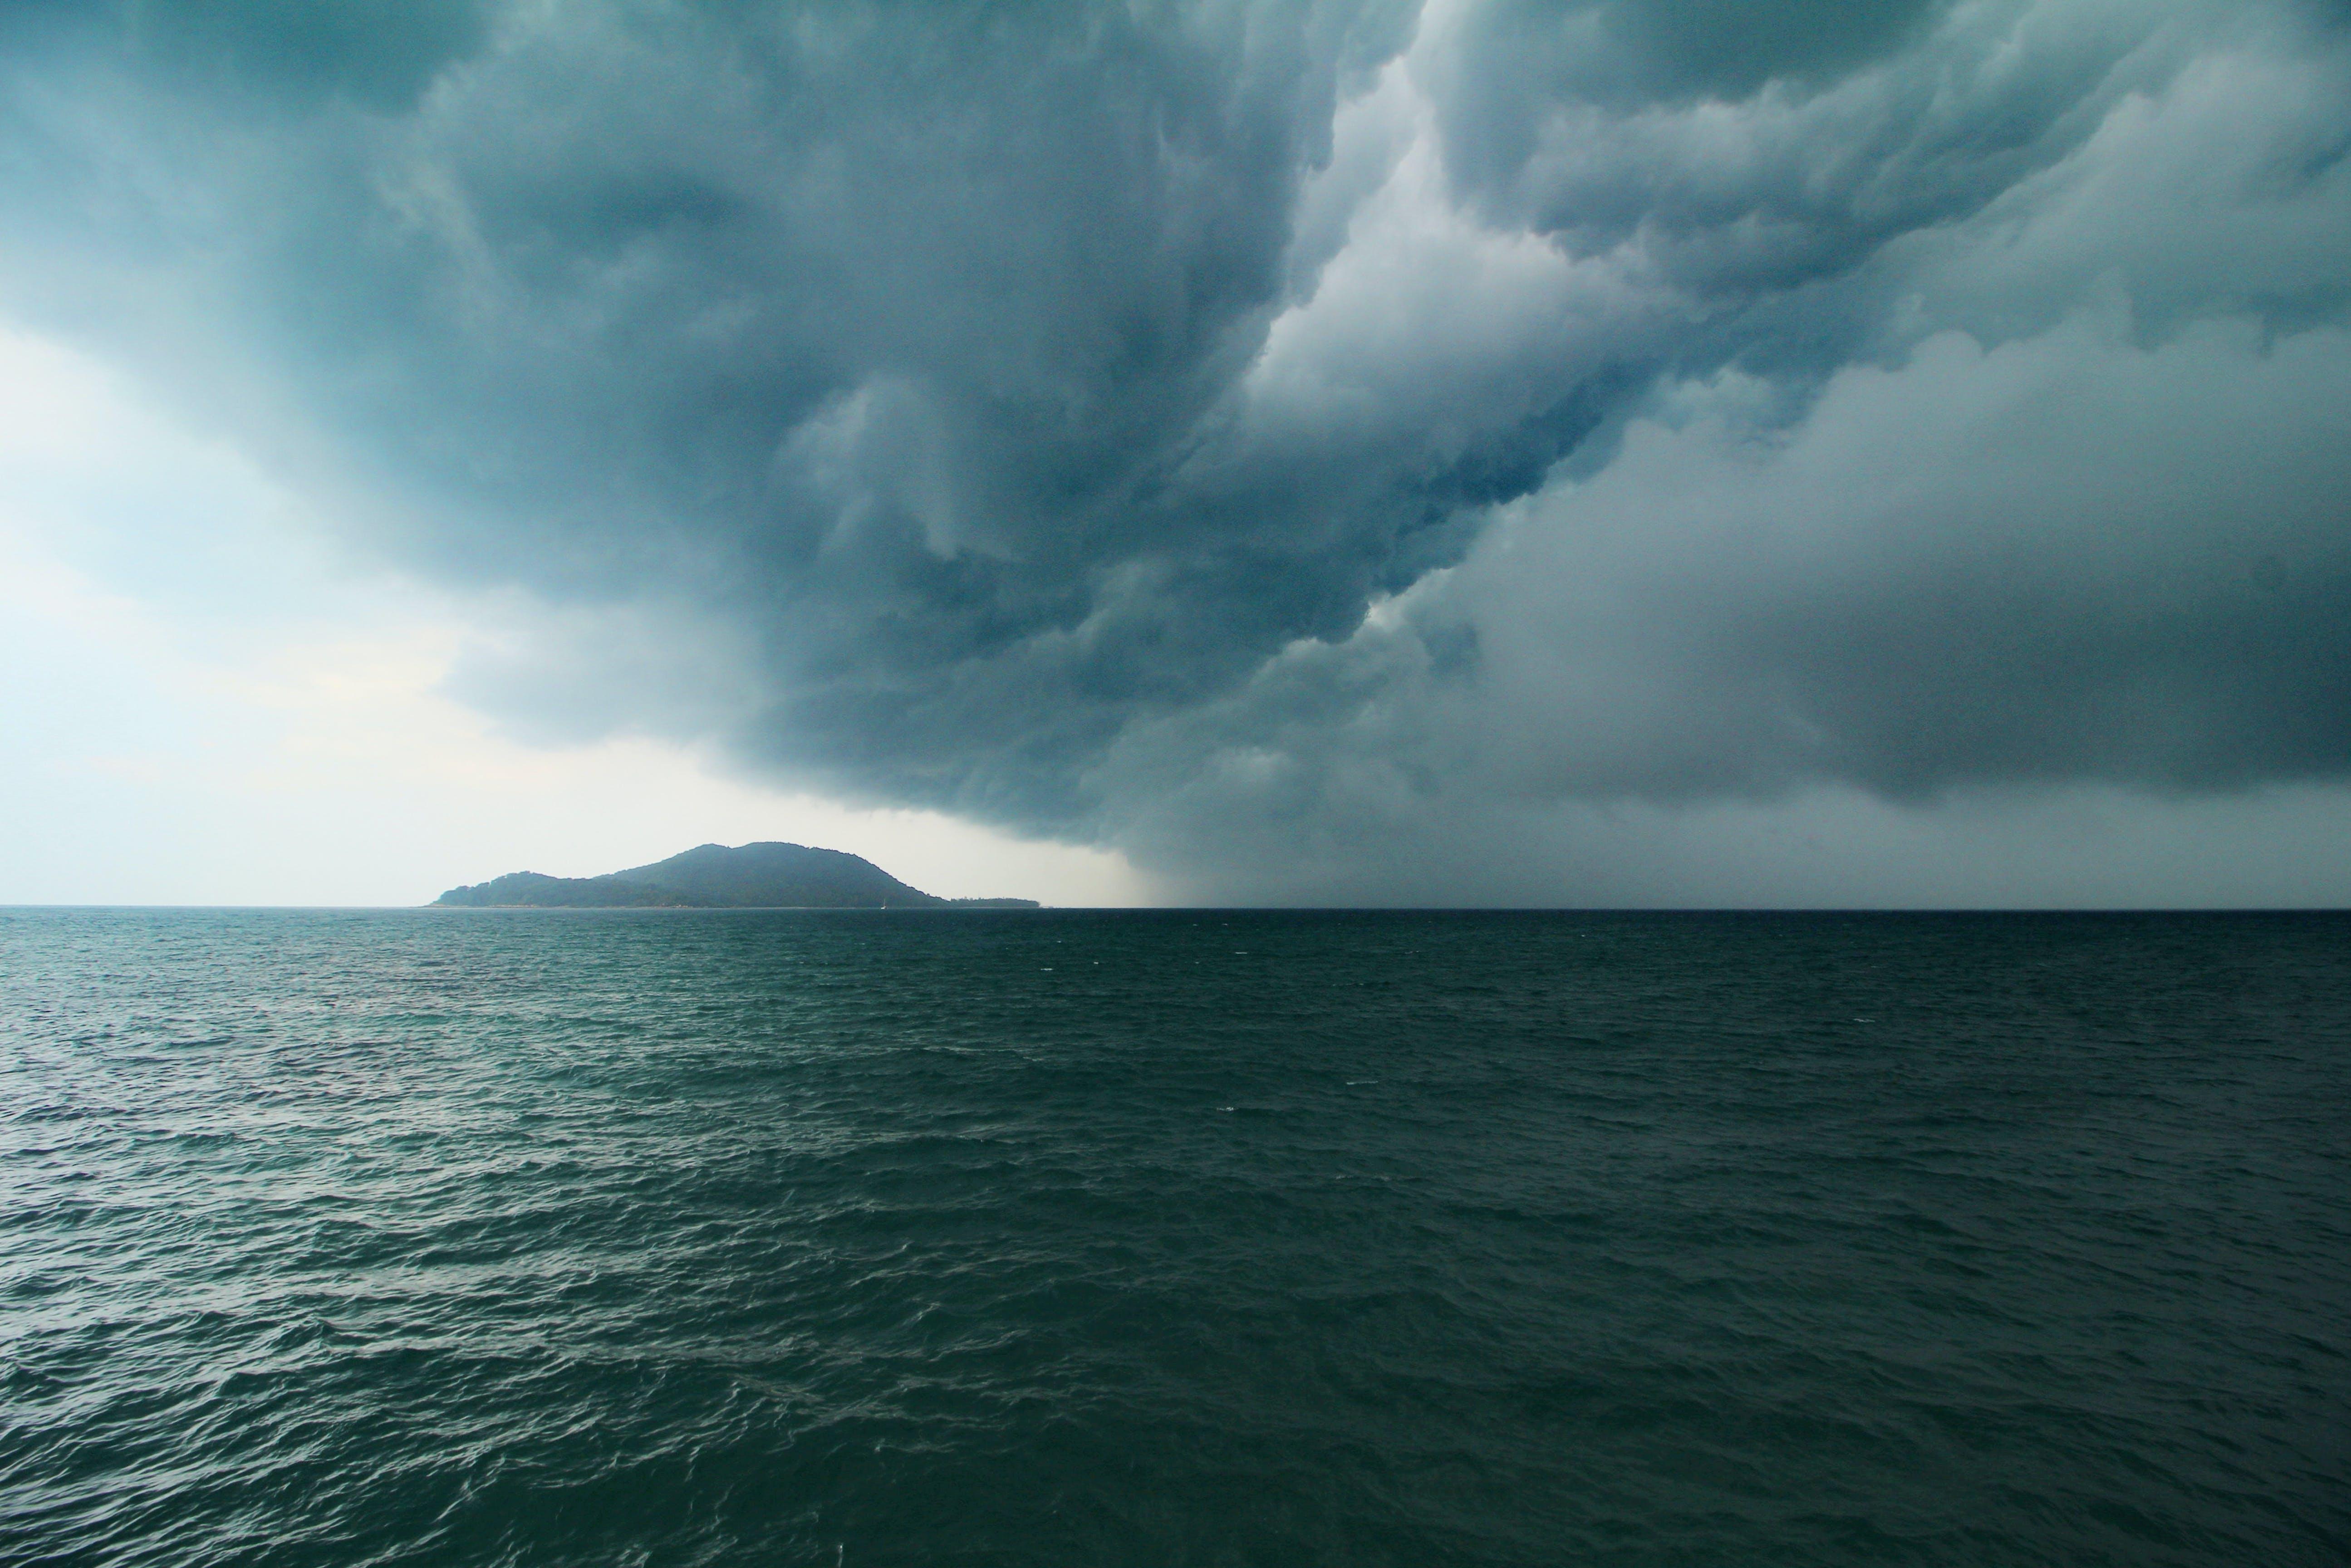 구름, 바다, 폭풍의 무료 스톡 사진